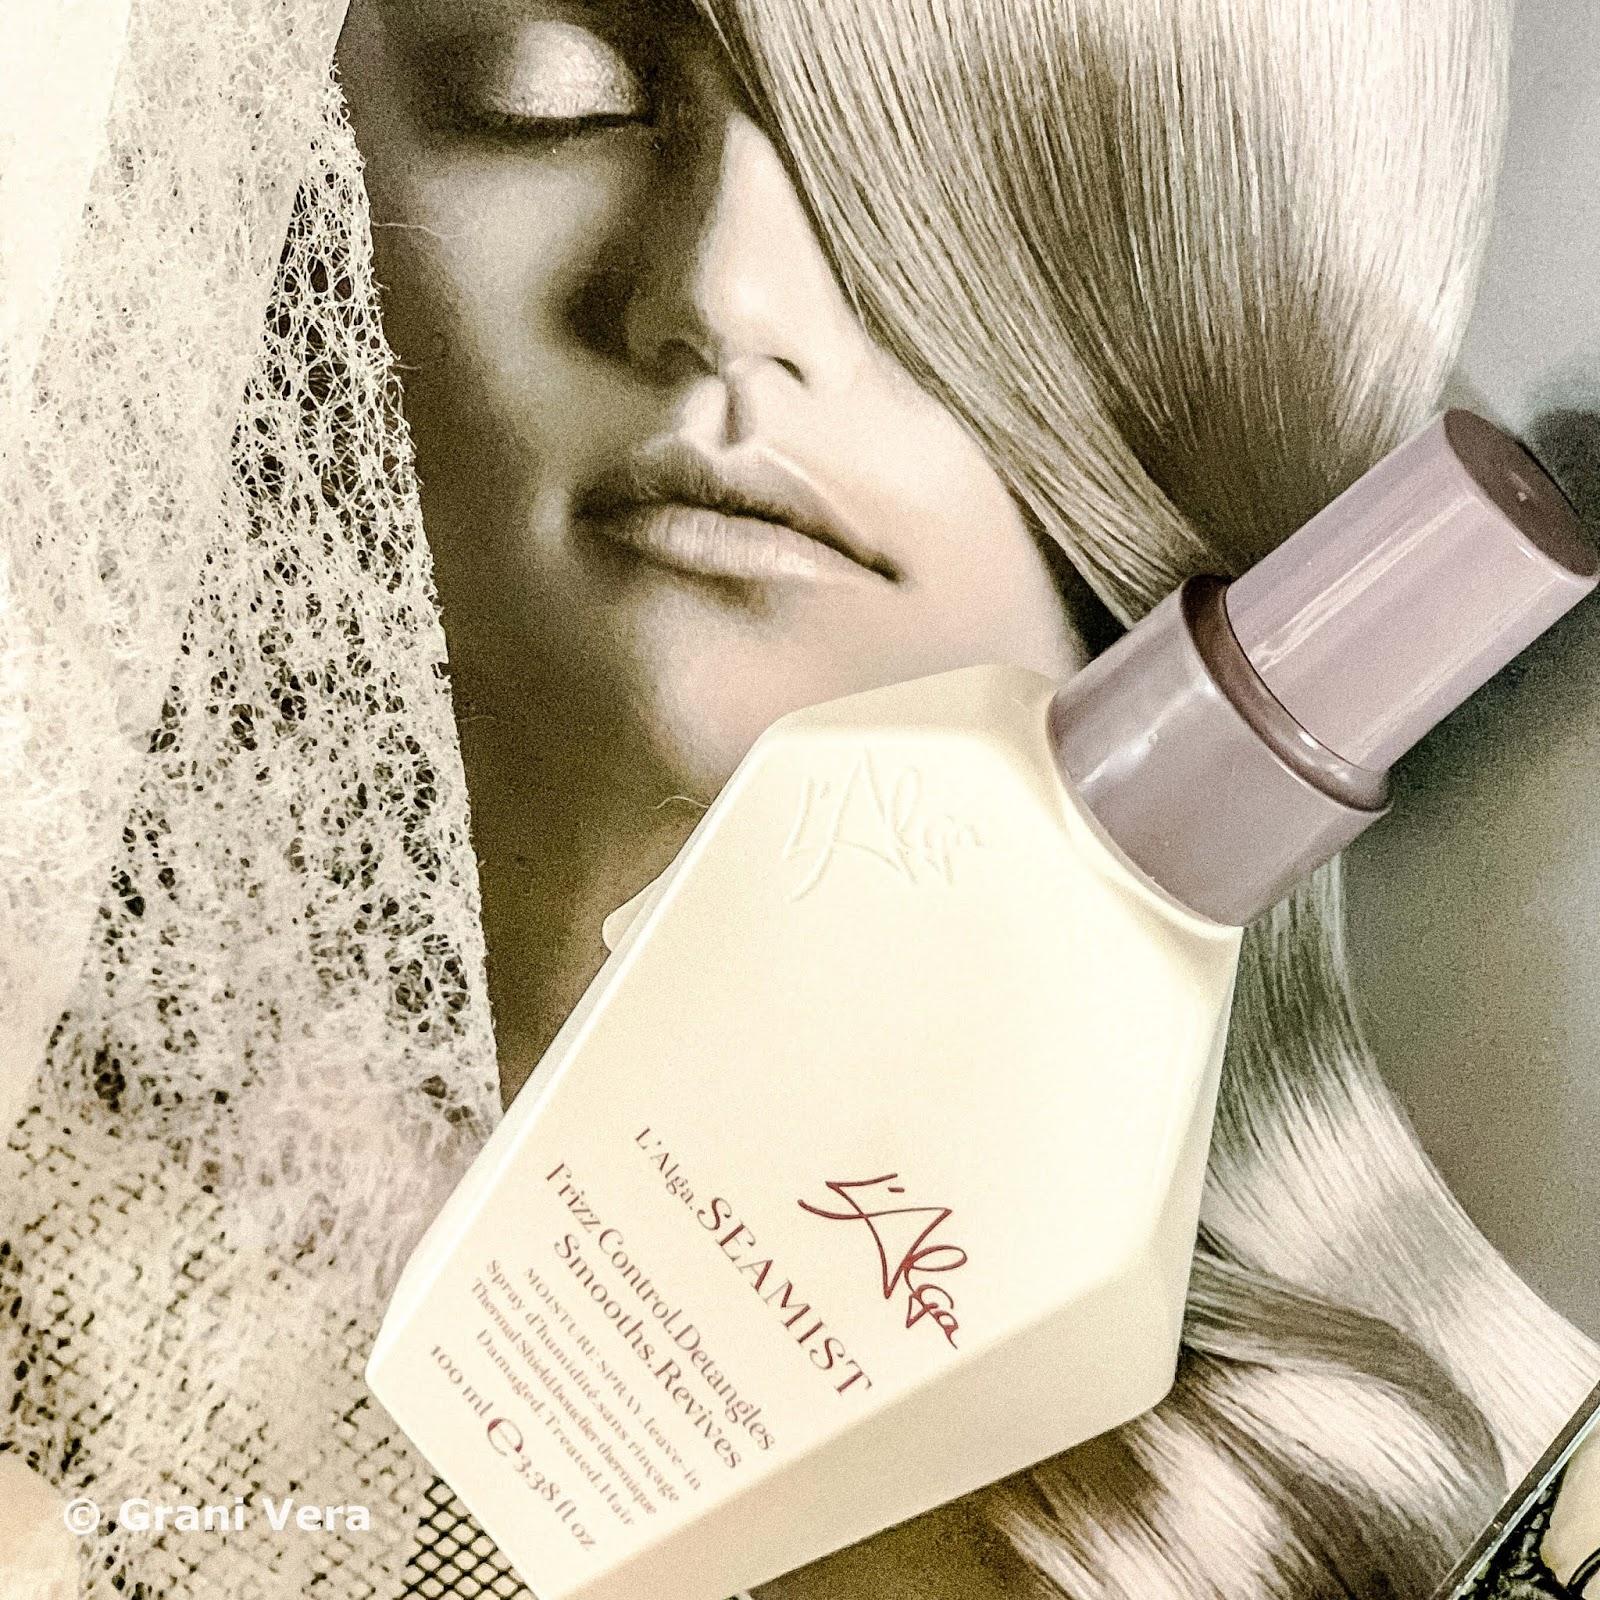 L'Alga Seamist - mgiełka do włosów bez spłukiwania